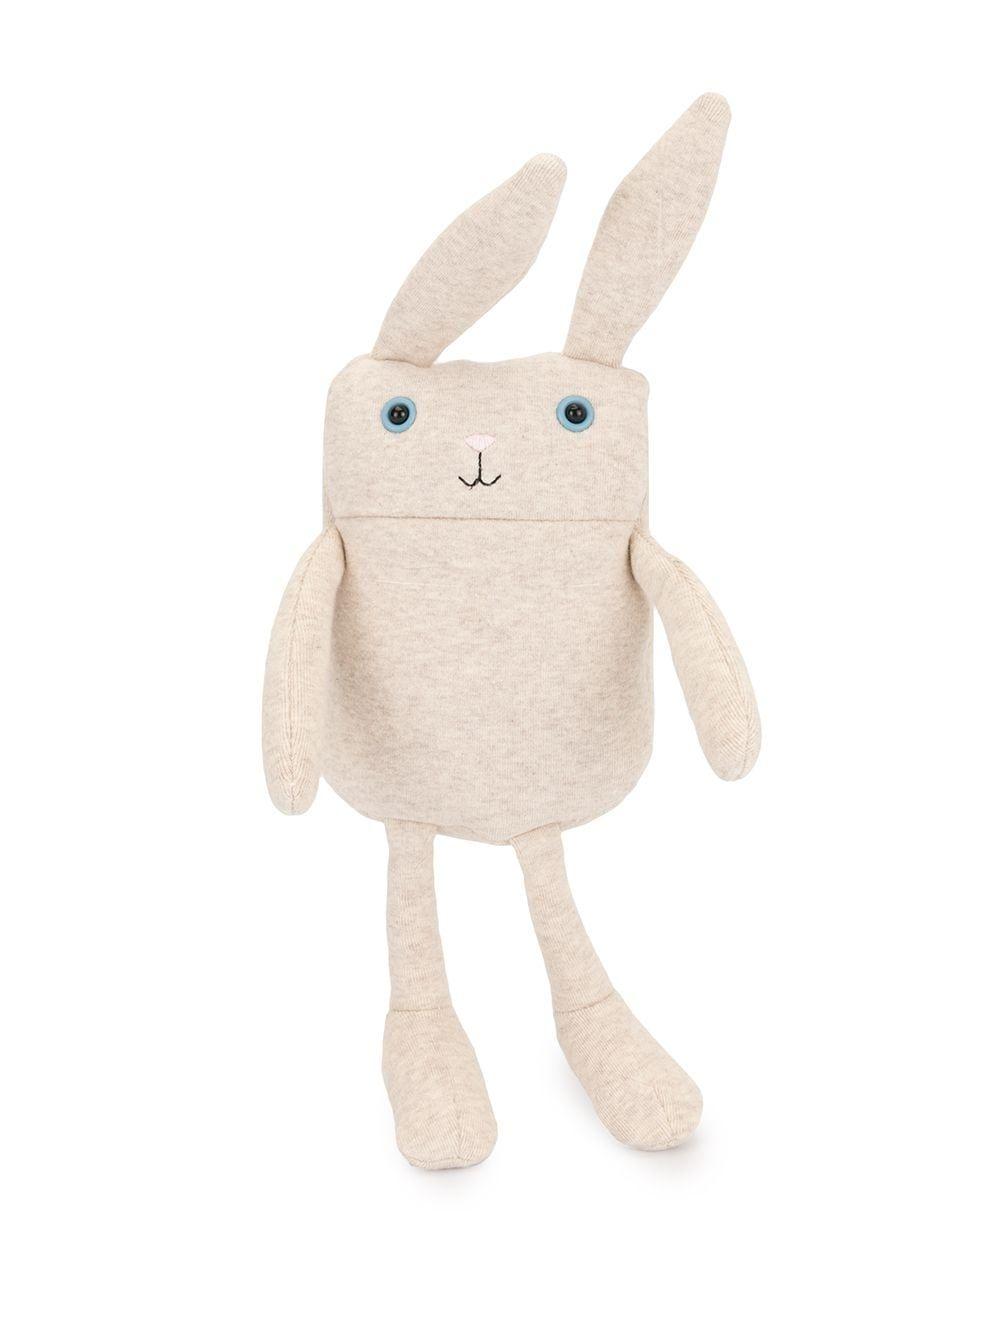 Jellycat Geek Bunny plush - Brown #bunnyplush